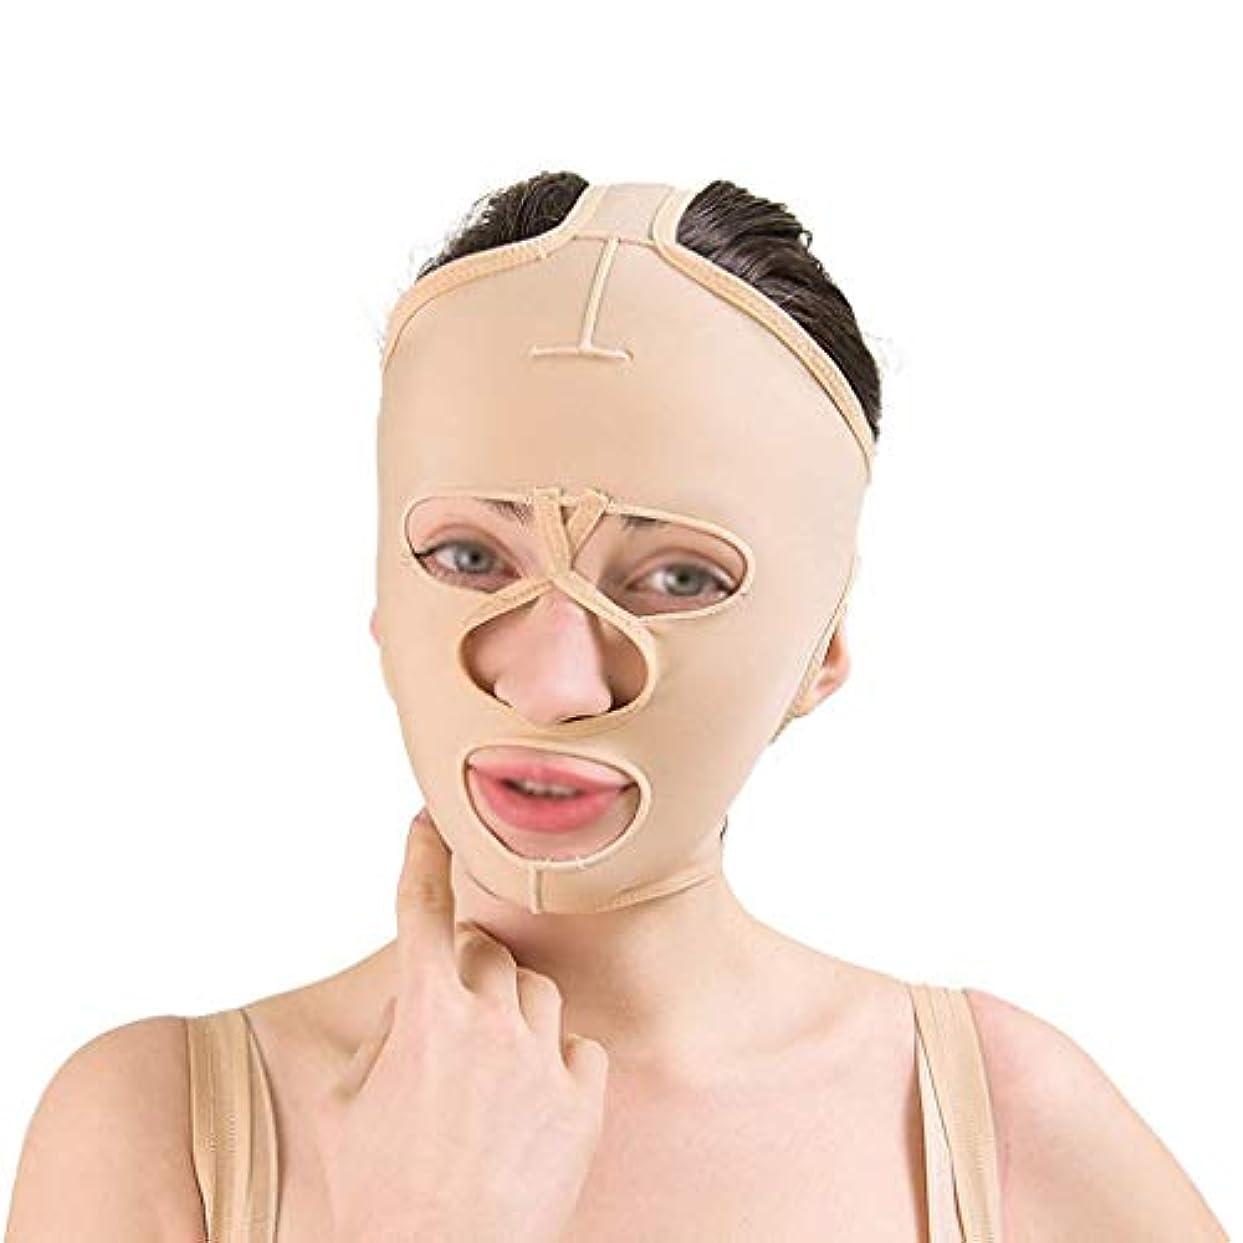 義務付けられたスペル食欲フェイシャルリフティングツール、フェイシャルビューティーリフティングマスク、通気性引き締めリフティングフェイシャル包帯、フェイシャルタイトバンデージ(サイズ:L),XL